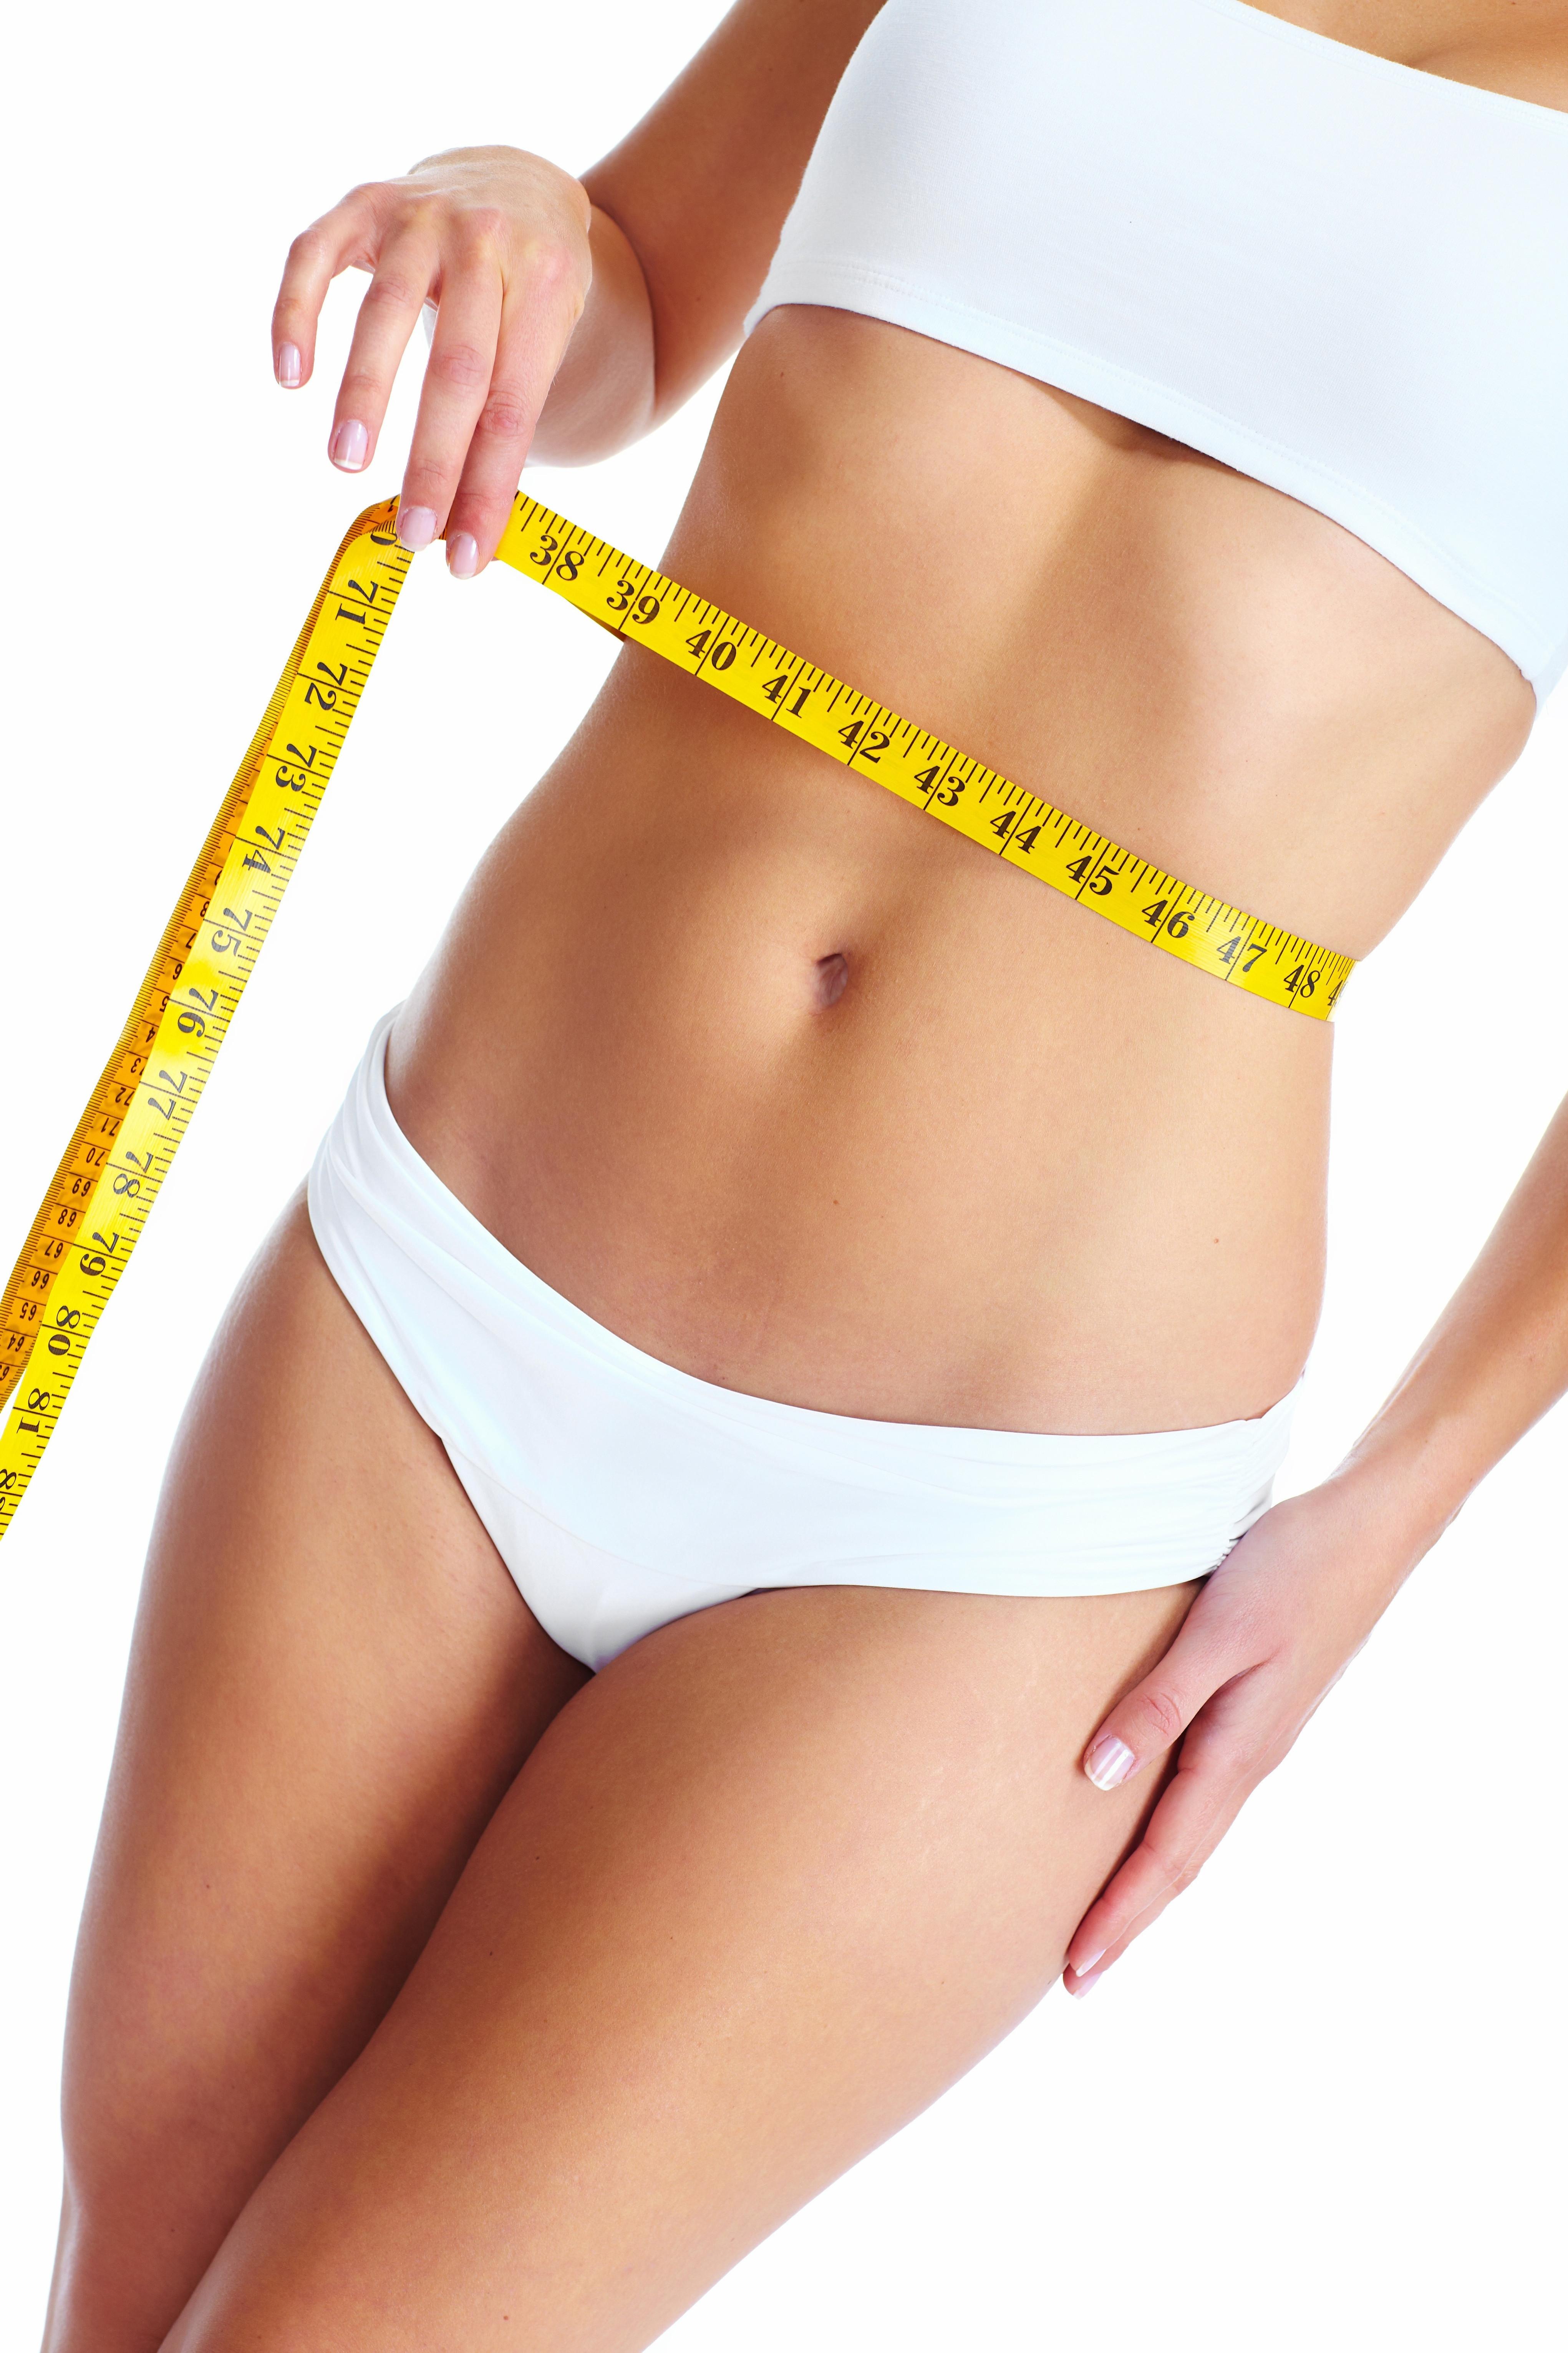 FOLLOW-UP VISIT - MEDICAL WEIGHT LOSS